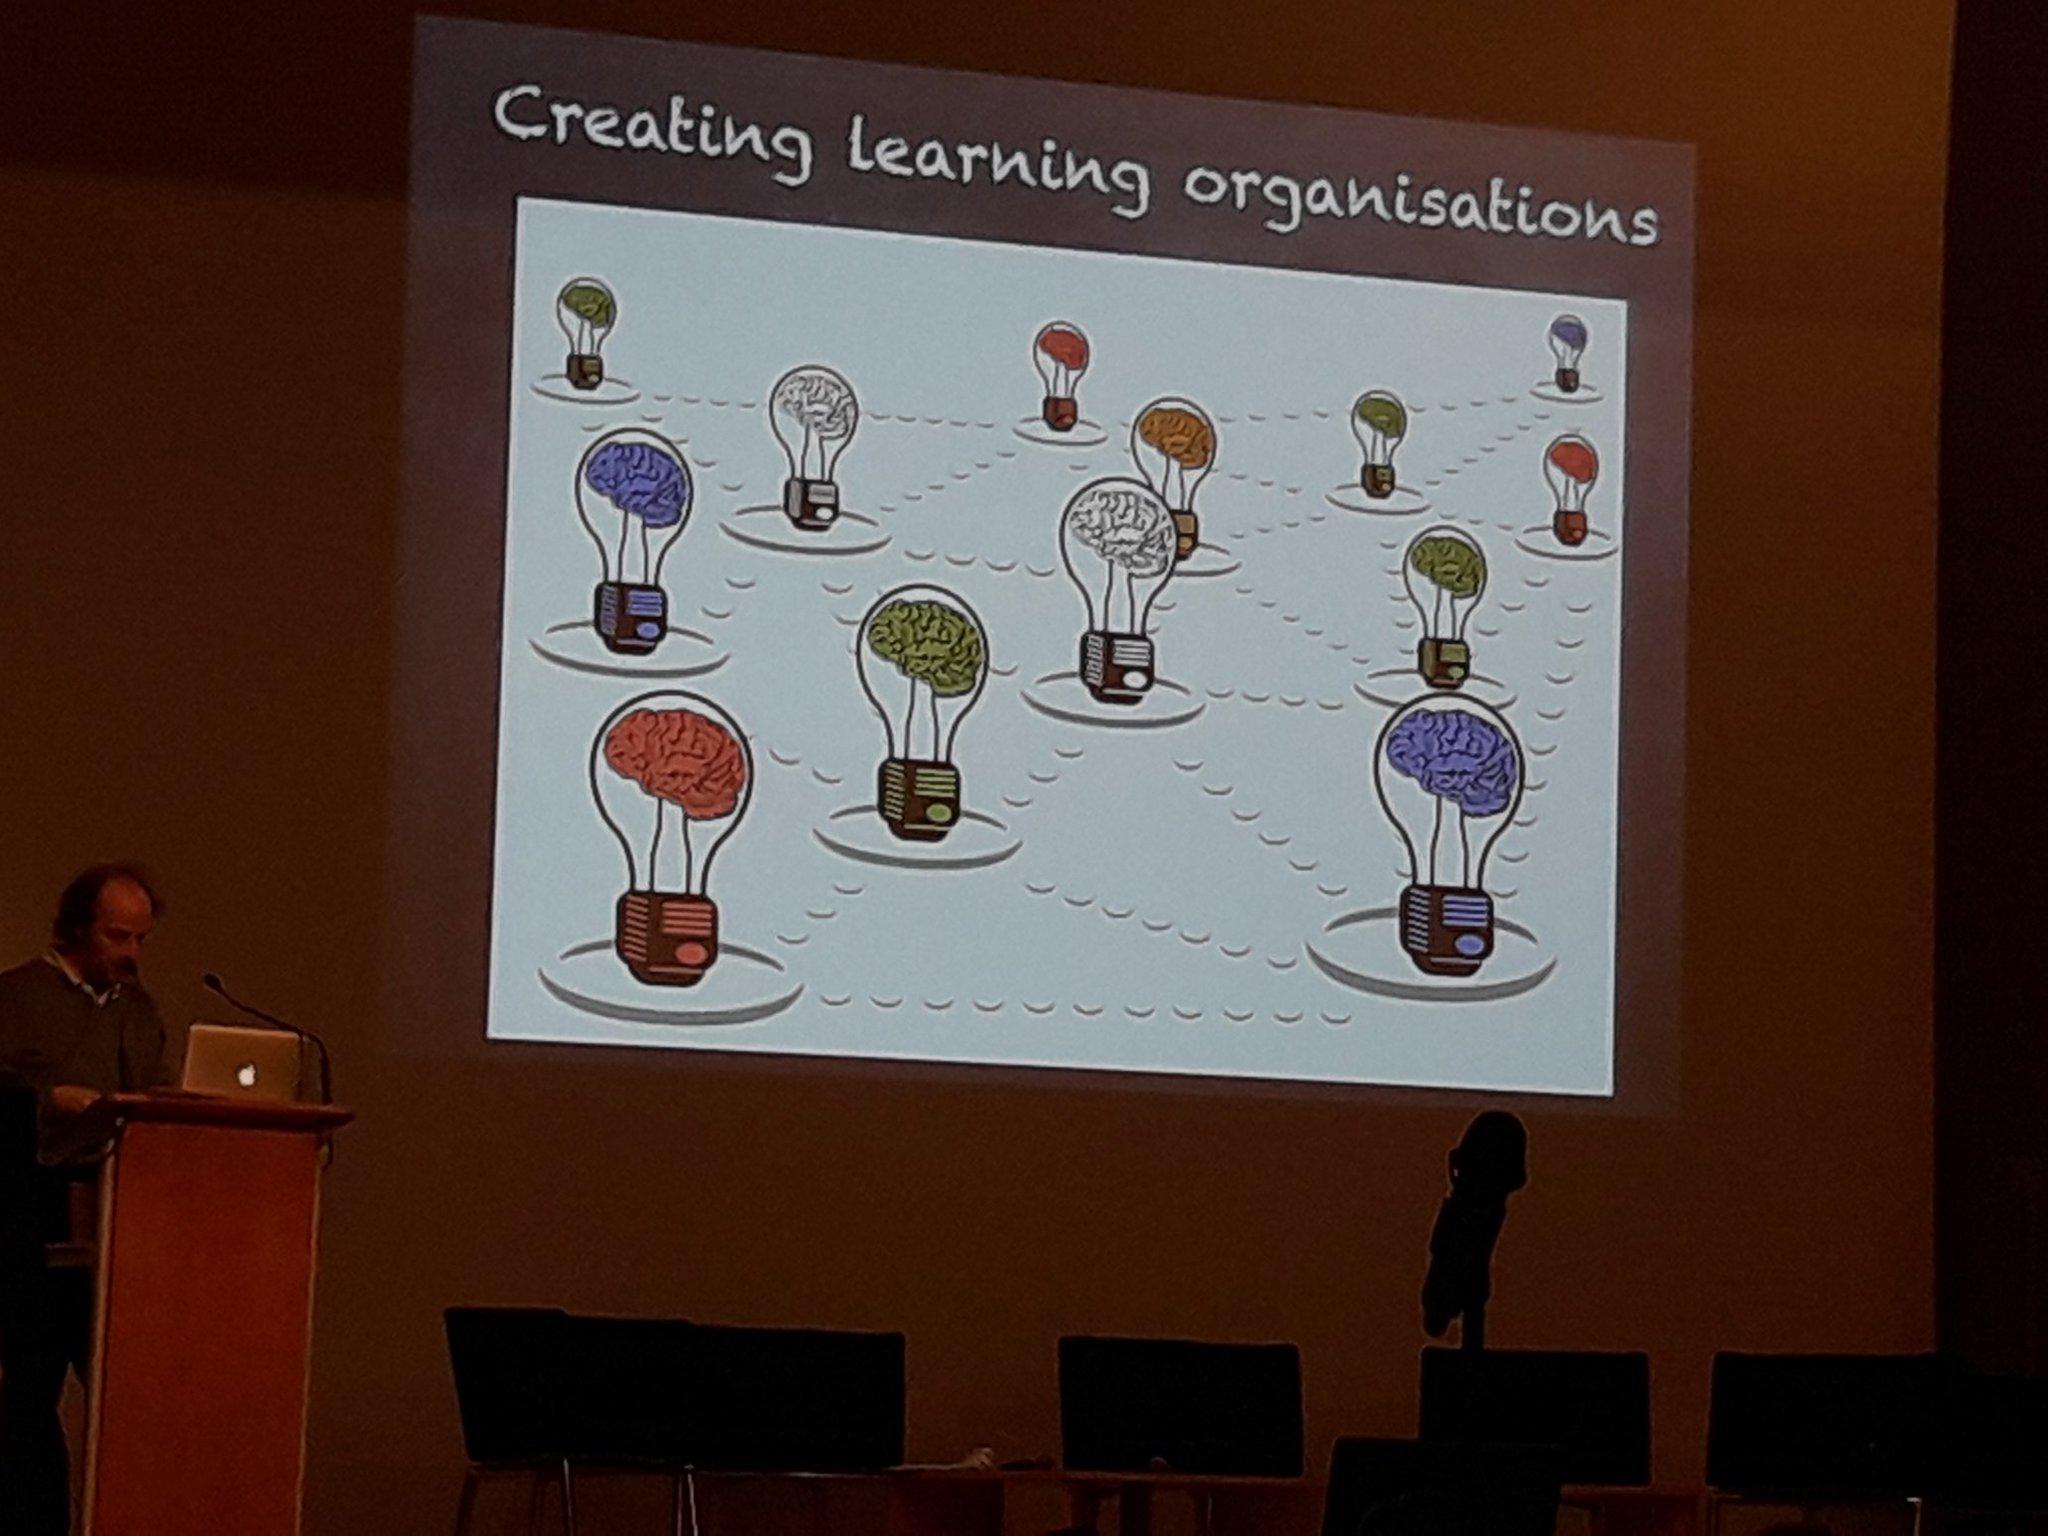 #RnDedu Creating Learning organisation with @FrancoisTaddei @rndapprendre https://t.co/h3Zj7faW08